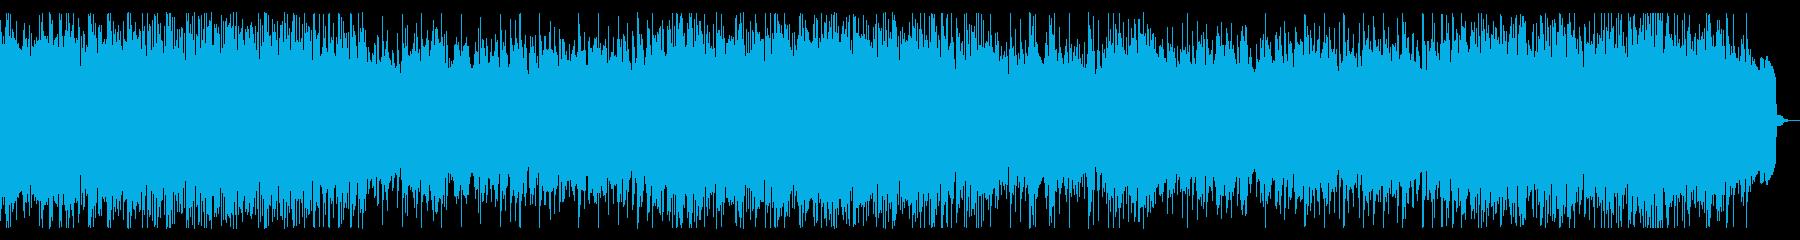 メタル戦闘曲 リフ、バッキング主体の再生済みの波形